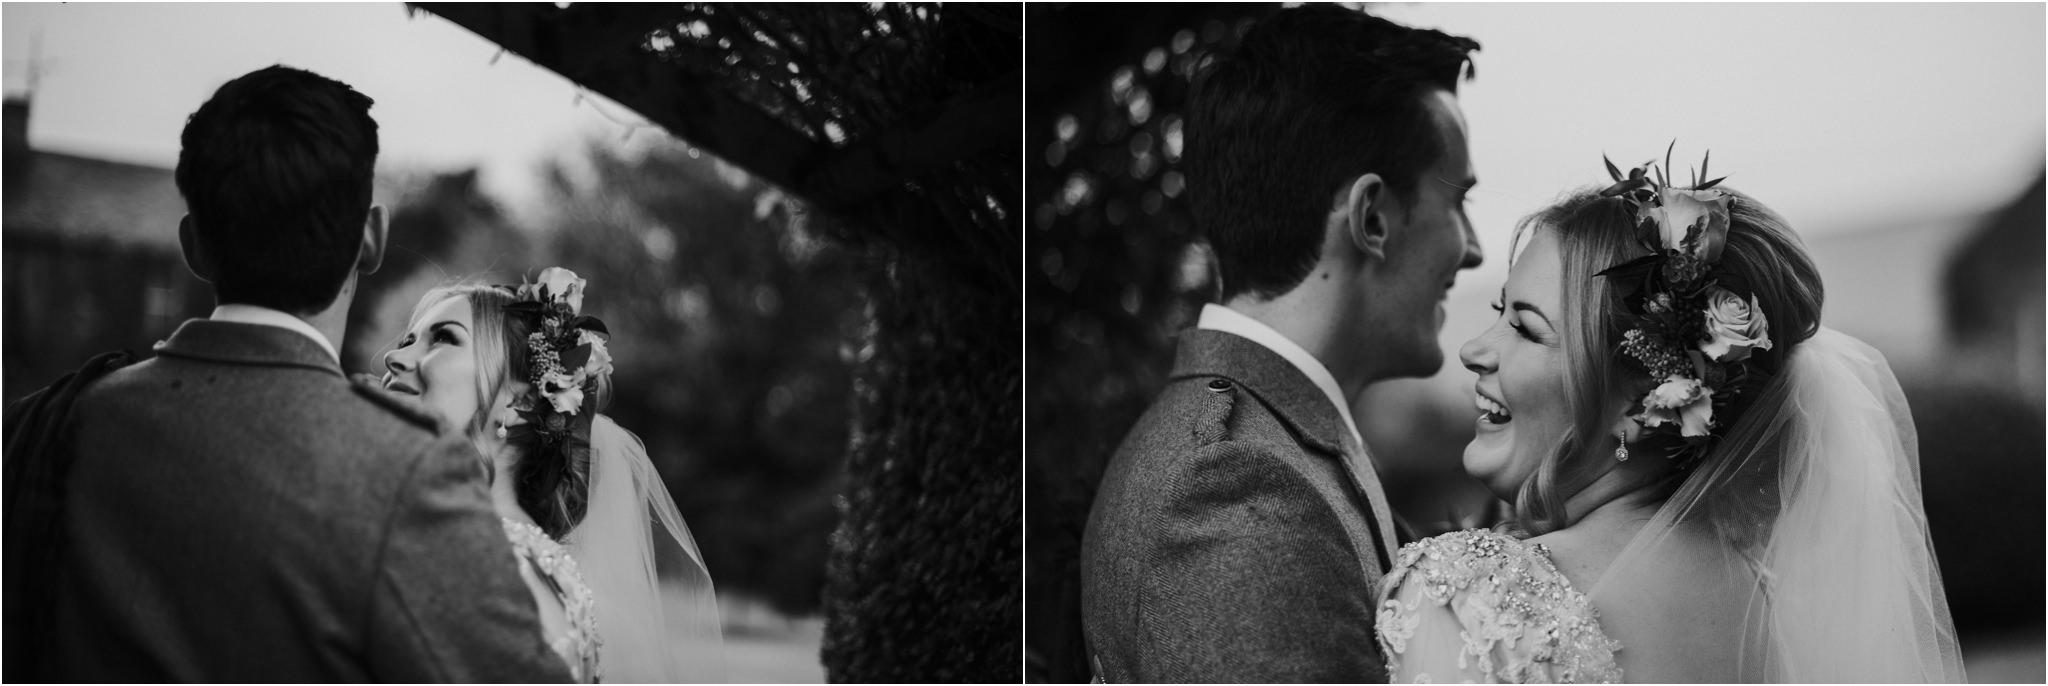 Photography 78 - Glasgow Wedding Photographer - Pete & Eilidh - Dalduff Farm_0051.jpg